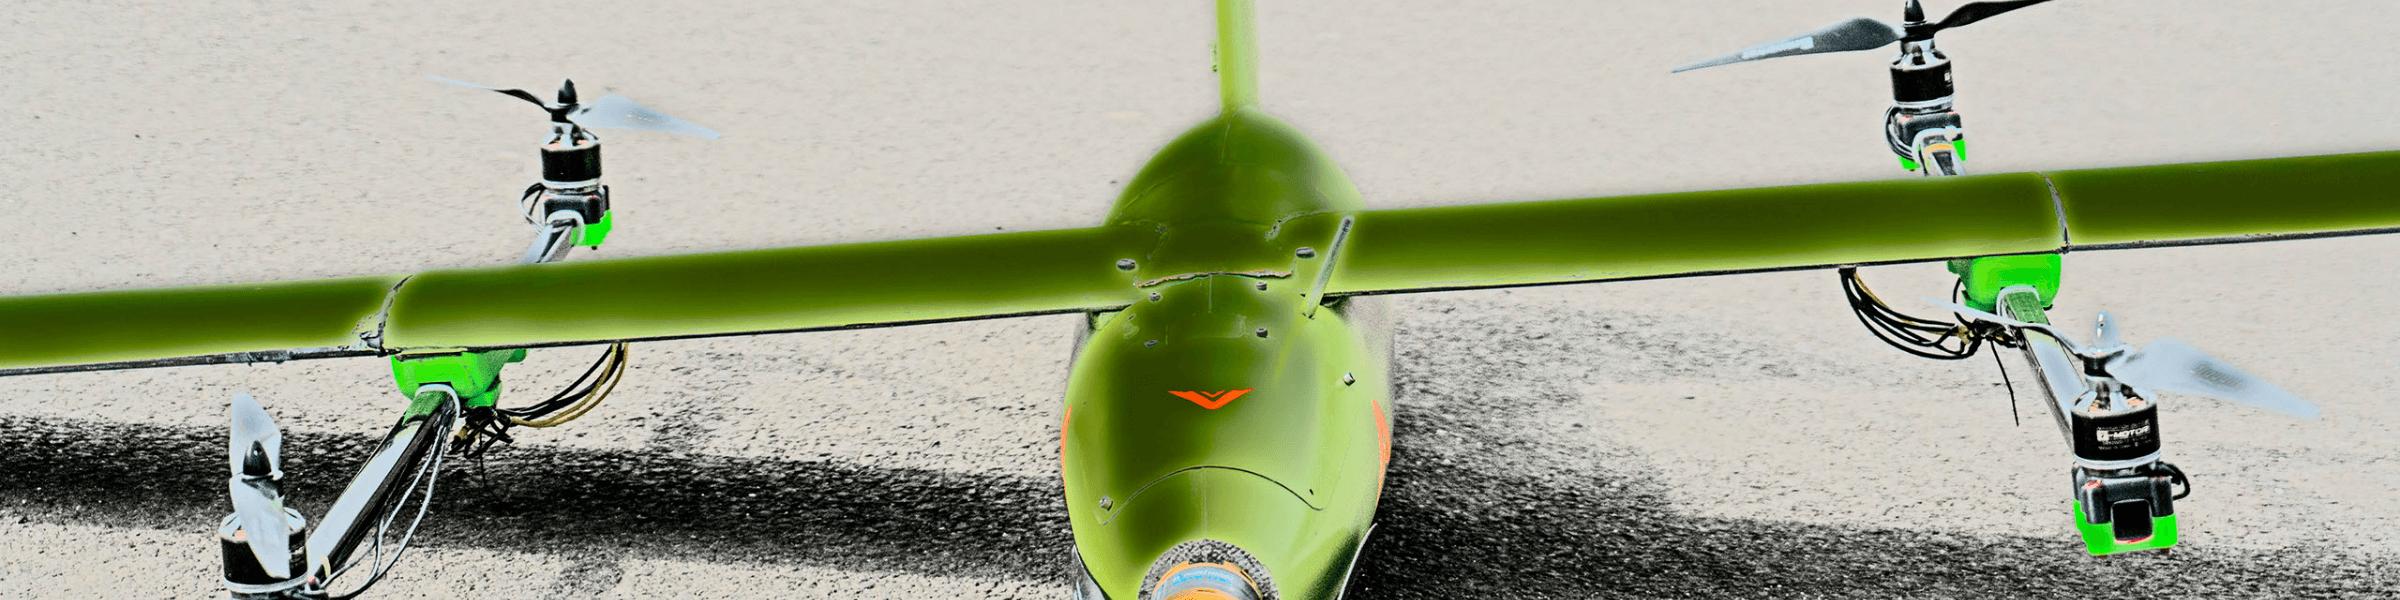 Raptor-UAS-Drone-Major-Consultancy-Services-Solutions-Hub